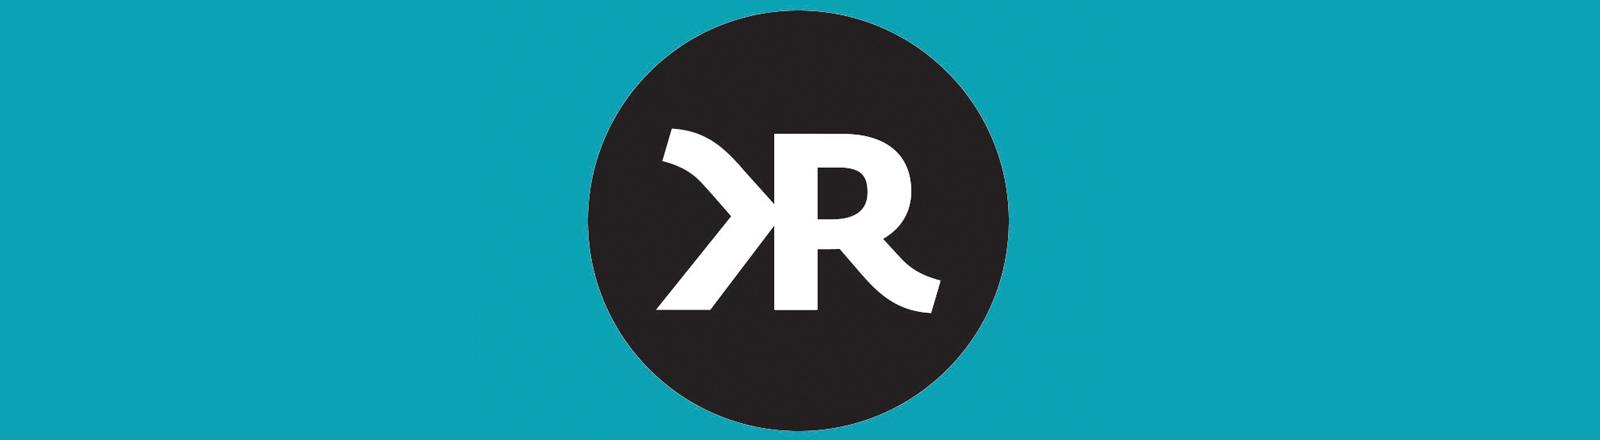 Das Logo des Onlinemagazin Krautreporter